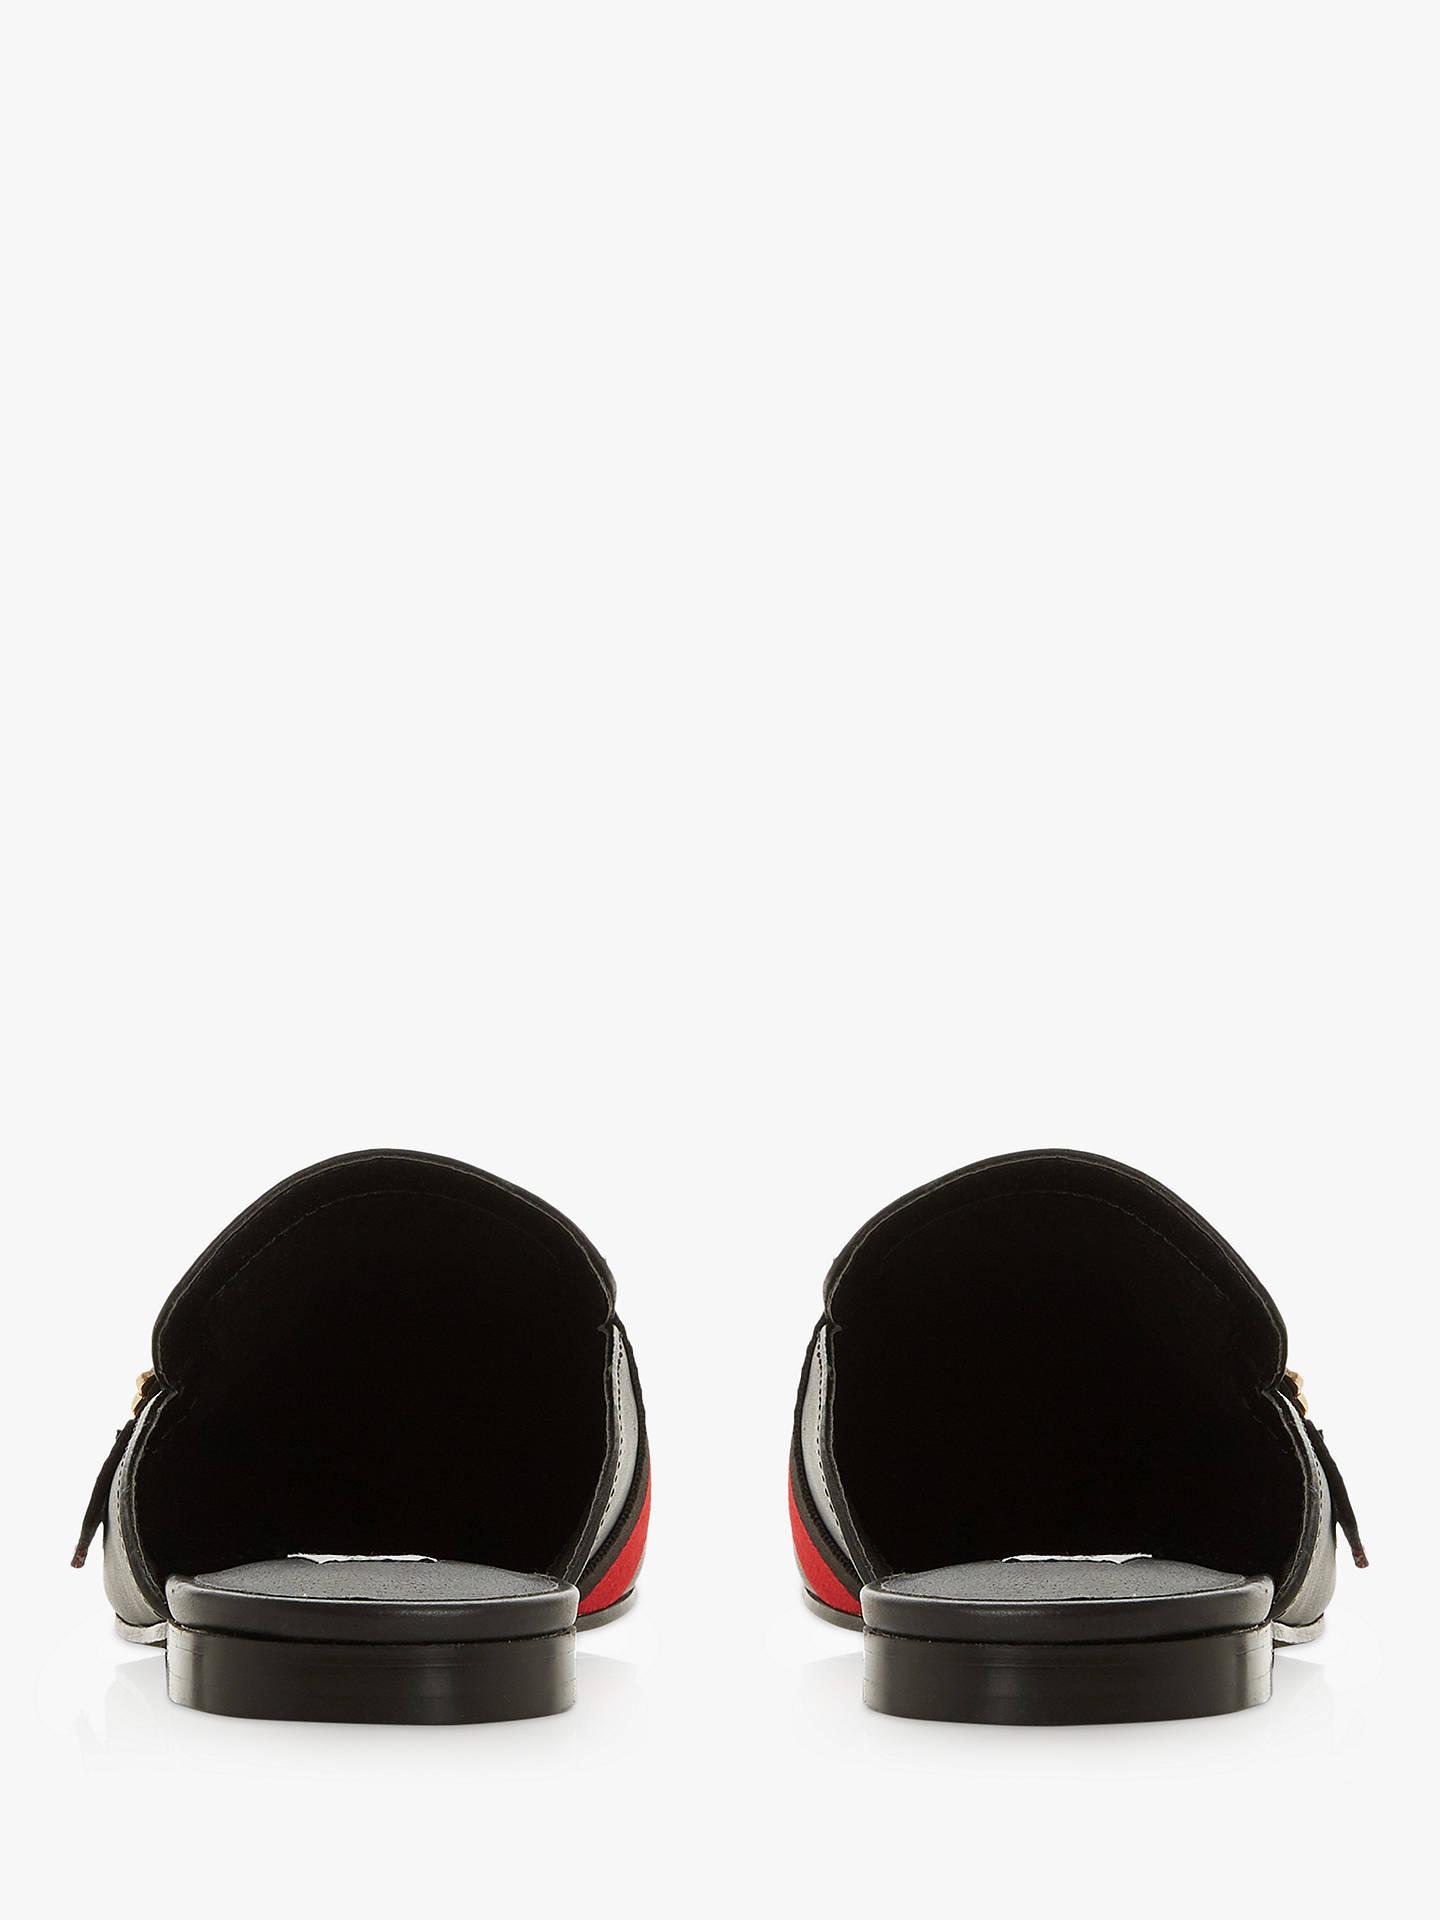 16f4d149aaa ... Buy Steve Madden Karisma Mule Loafers